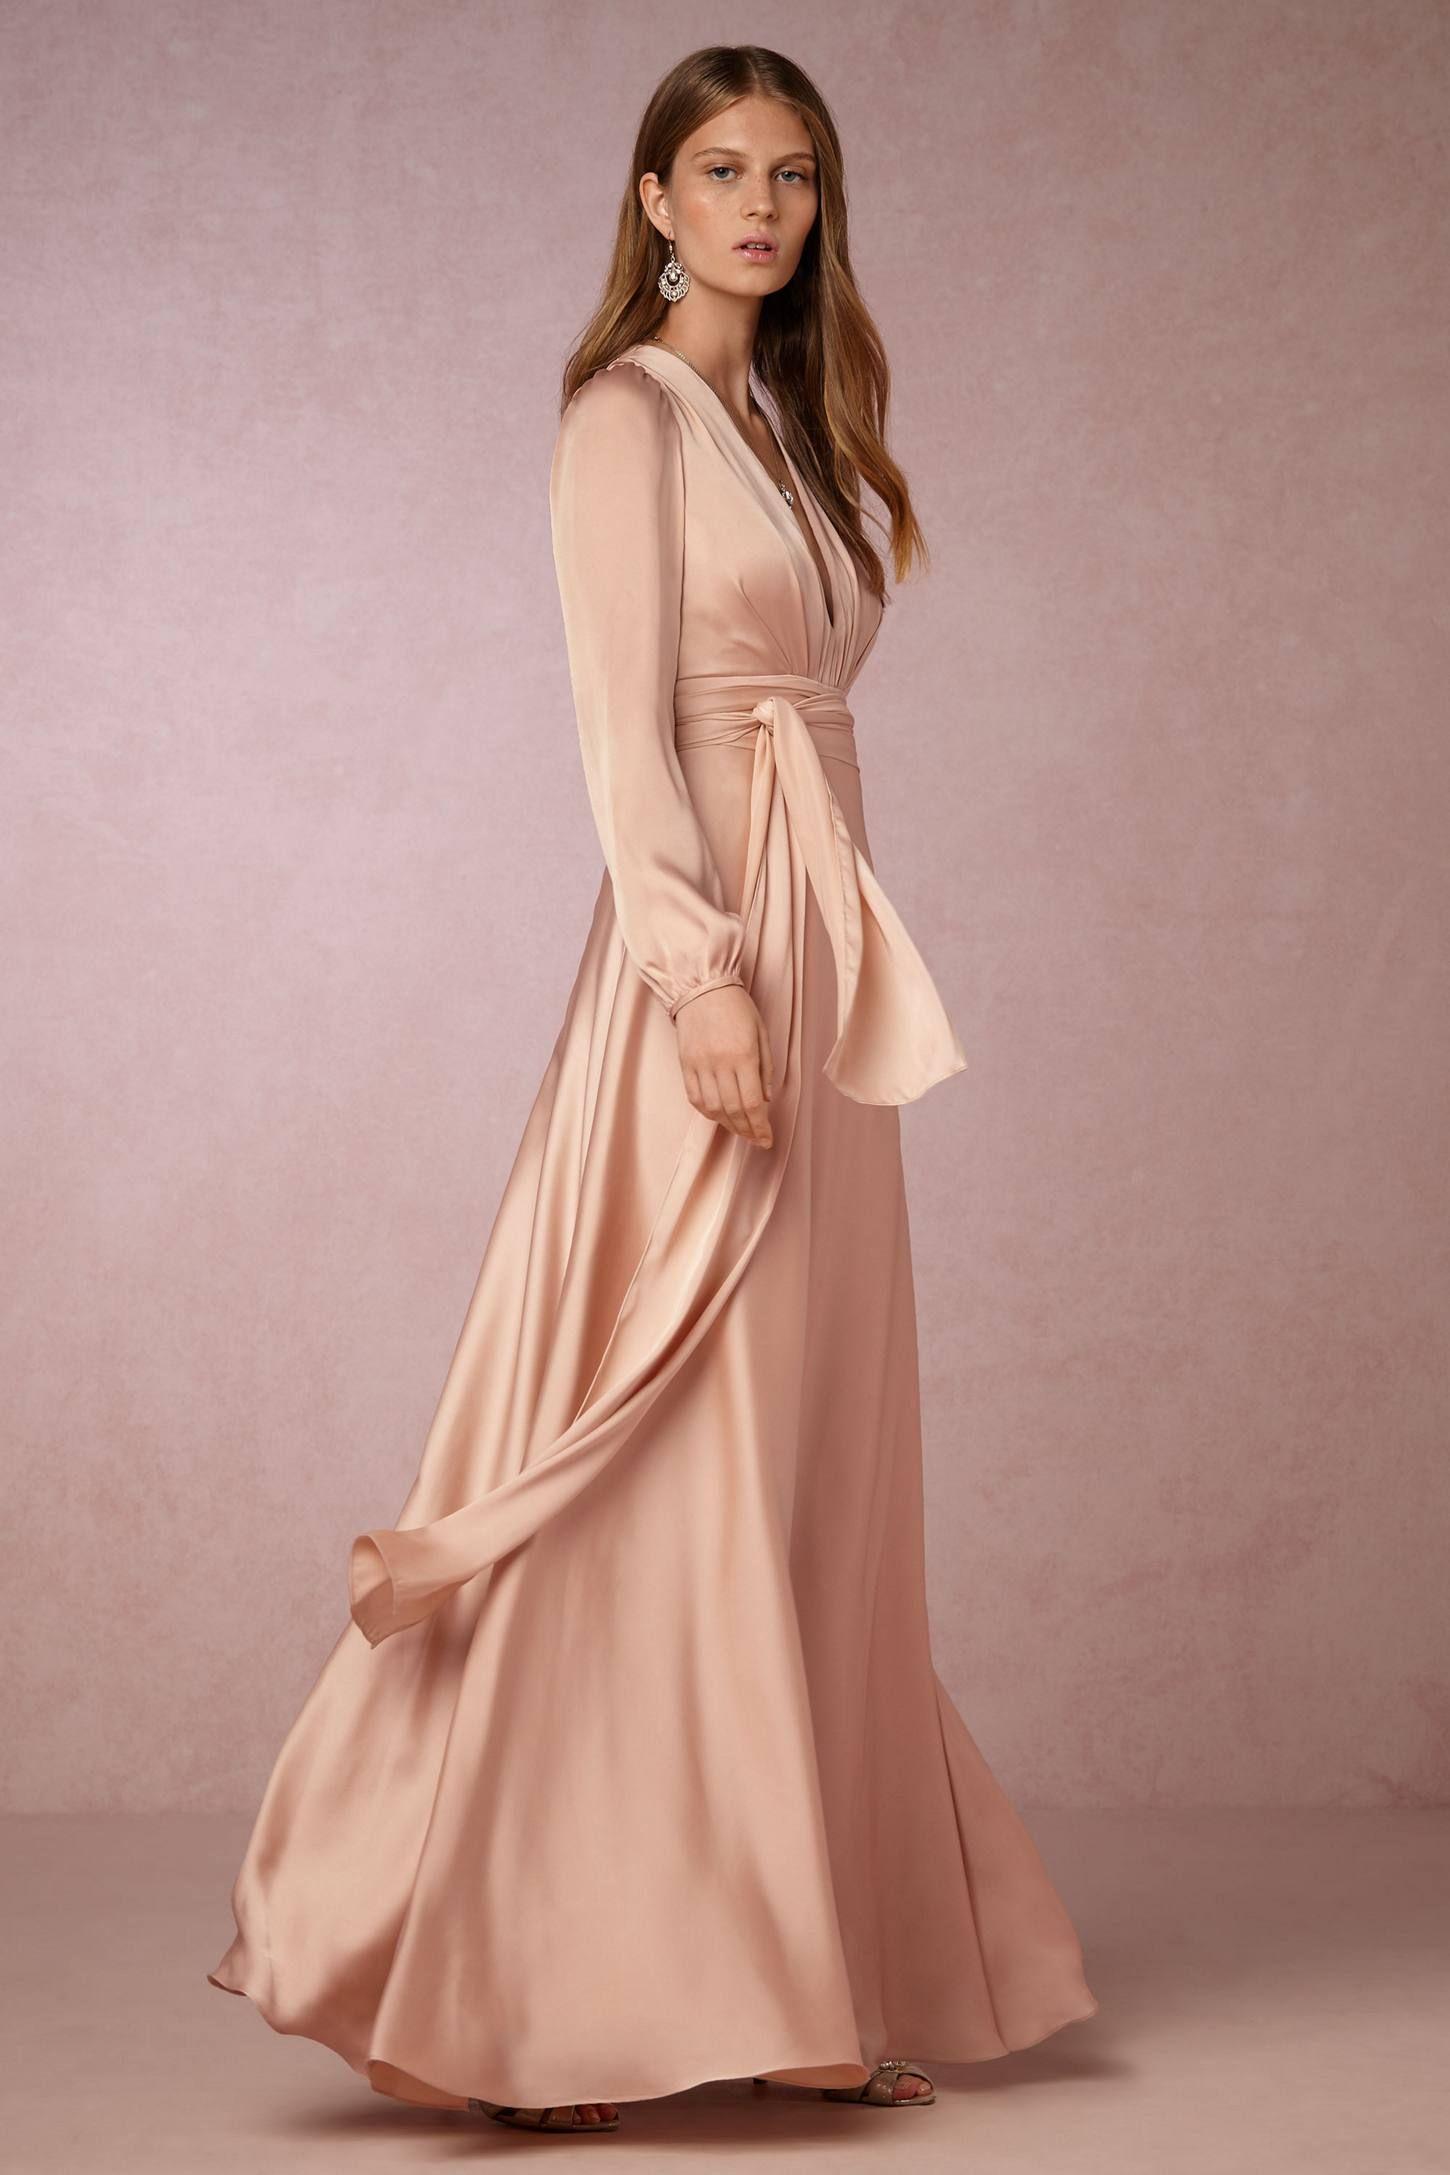 a4a3aa8fc3 Explore Vestidos De Convidado Do Casamento e muito mais!